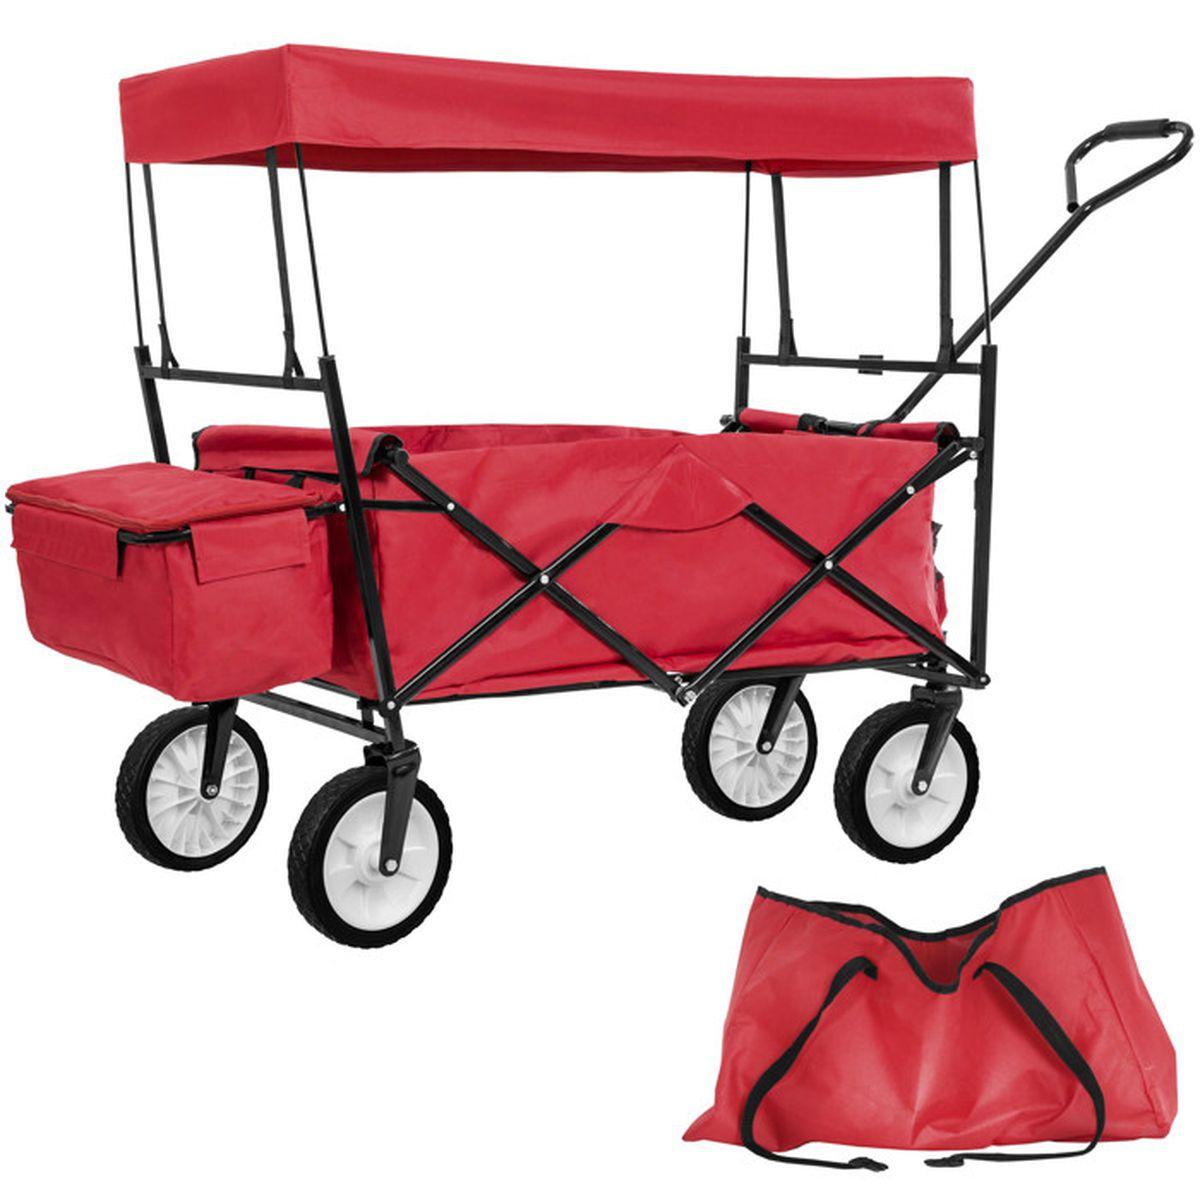 Chariot de jardin remorque main pliable avec toit en - Remorque de jardin pour autoportee ...